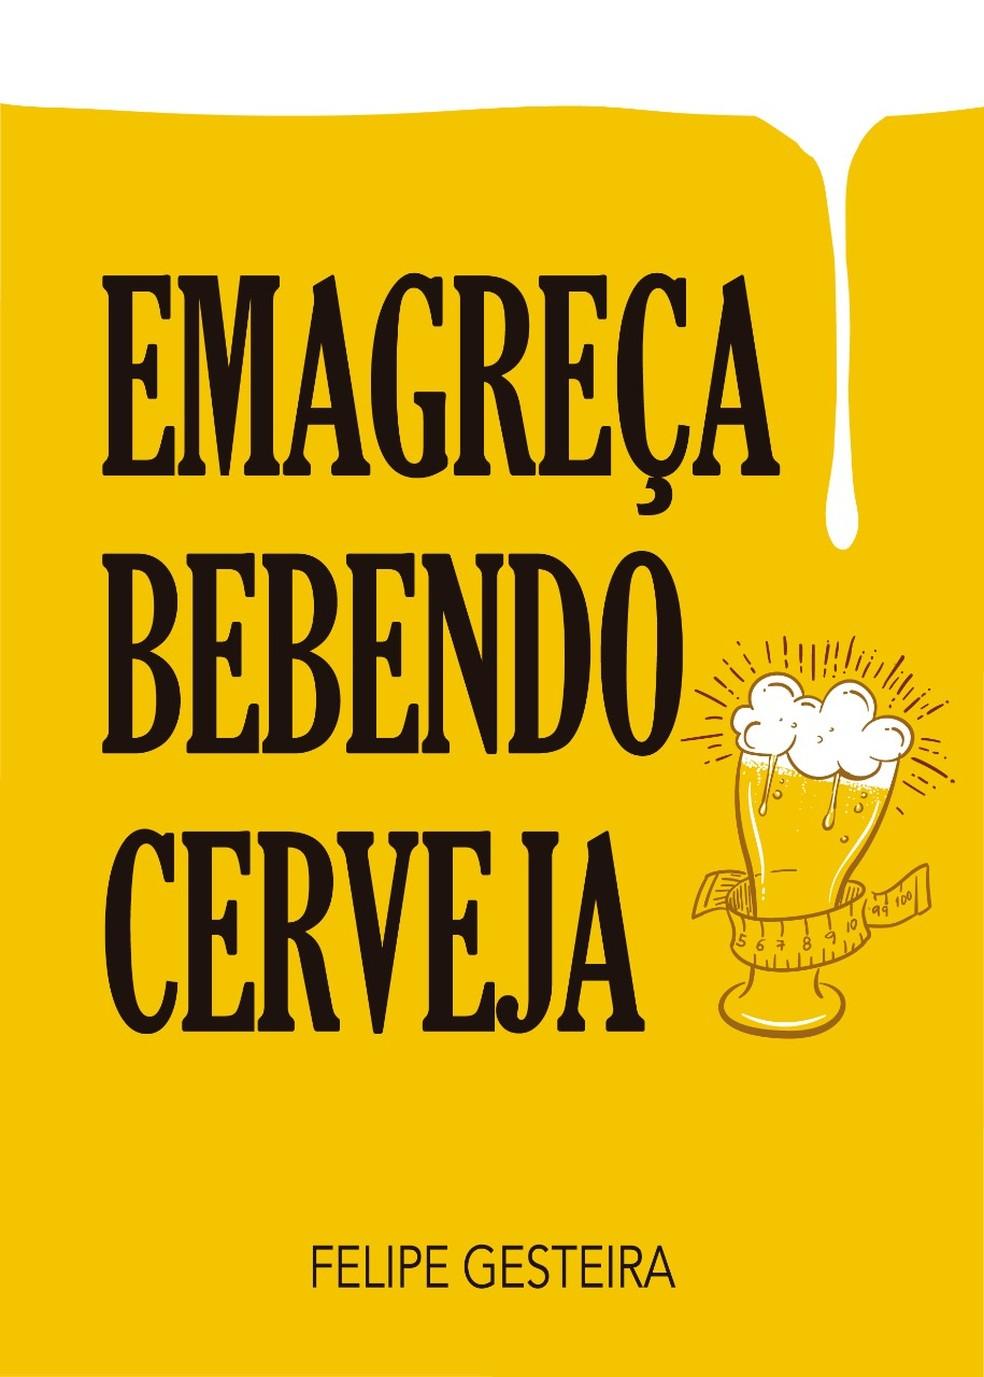 """Capa do livro de Felipe Gesteira, """"Emagreça bebendo cerveja"""" — Foto: Reprodução/Emagreça bebendo cerveja/William Medeiros"""